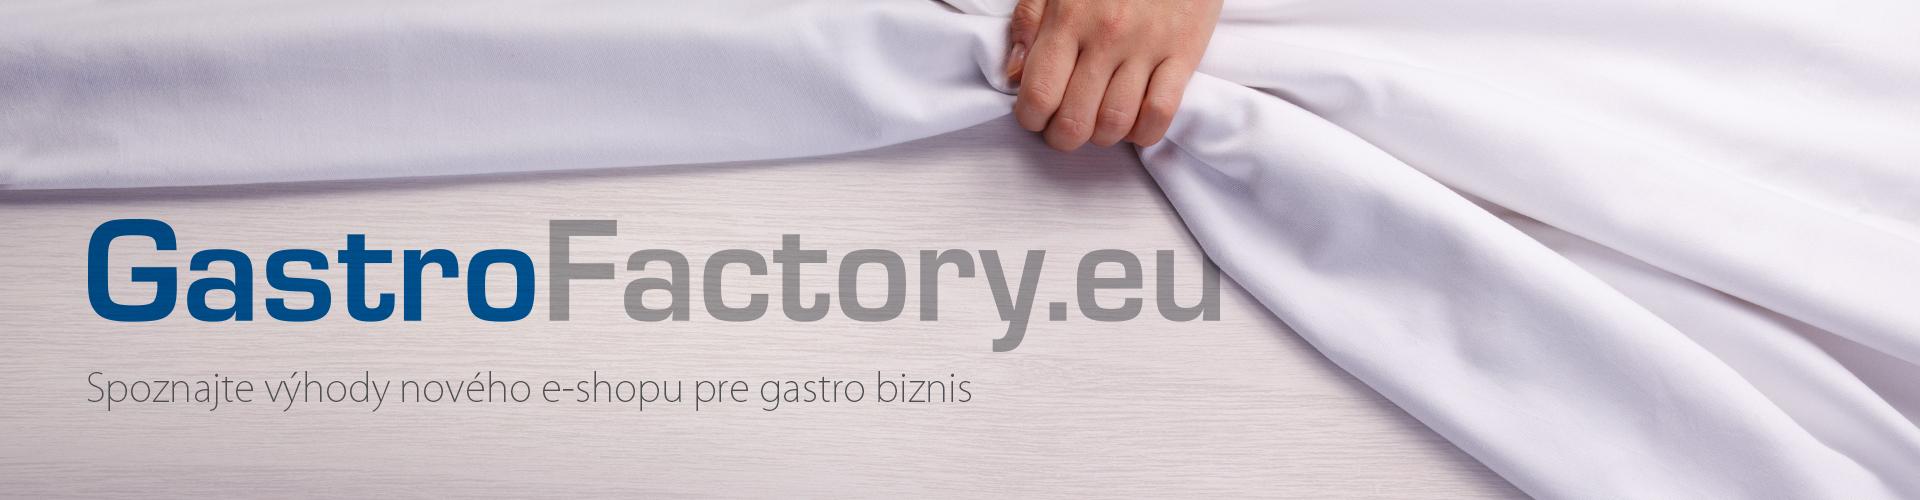 Spustili sme GastroFactory.eu